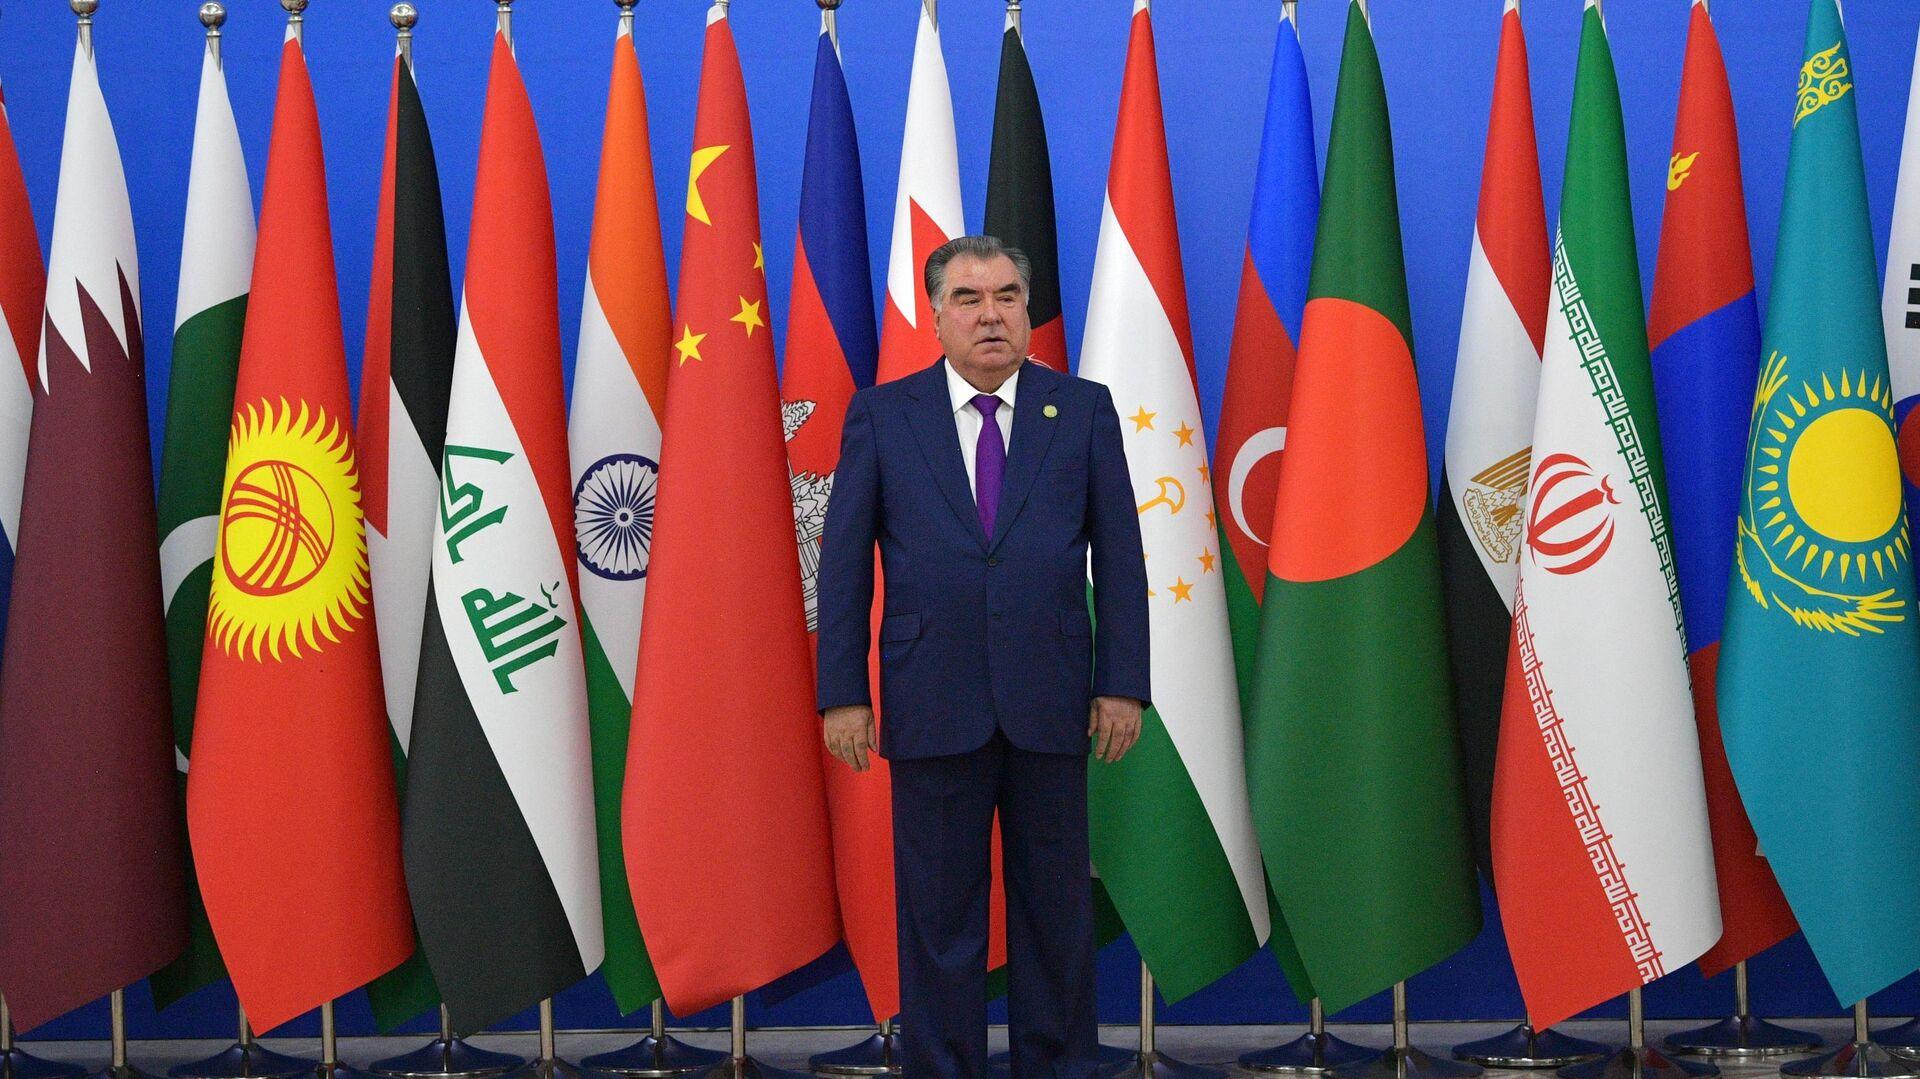 Президент Таджикистана Эмомали Рахмон во время церемонии приветствия глав делегаций государств, принимающих участие в Совещании по взаимодействию и мерам доверия в Азии в Душанбе. 15 июня 2019 - РИА Новости, 1920, 15.06.2019